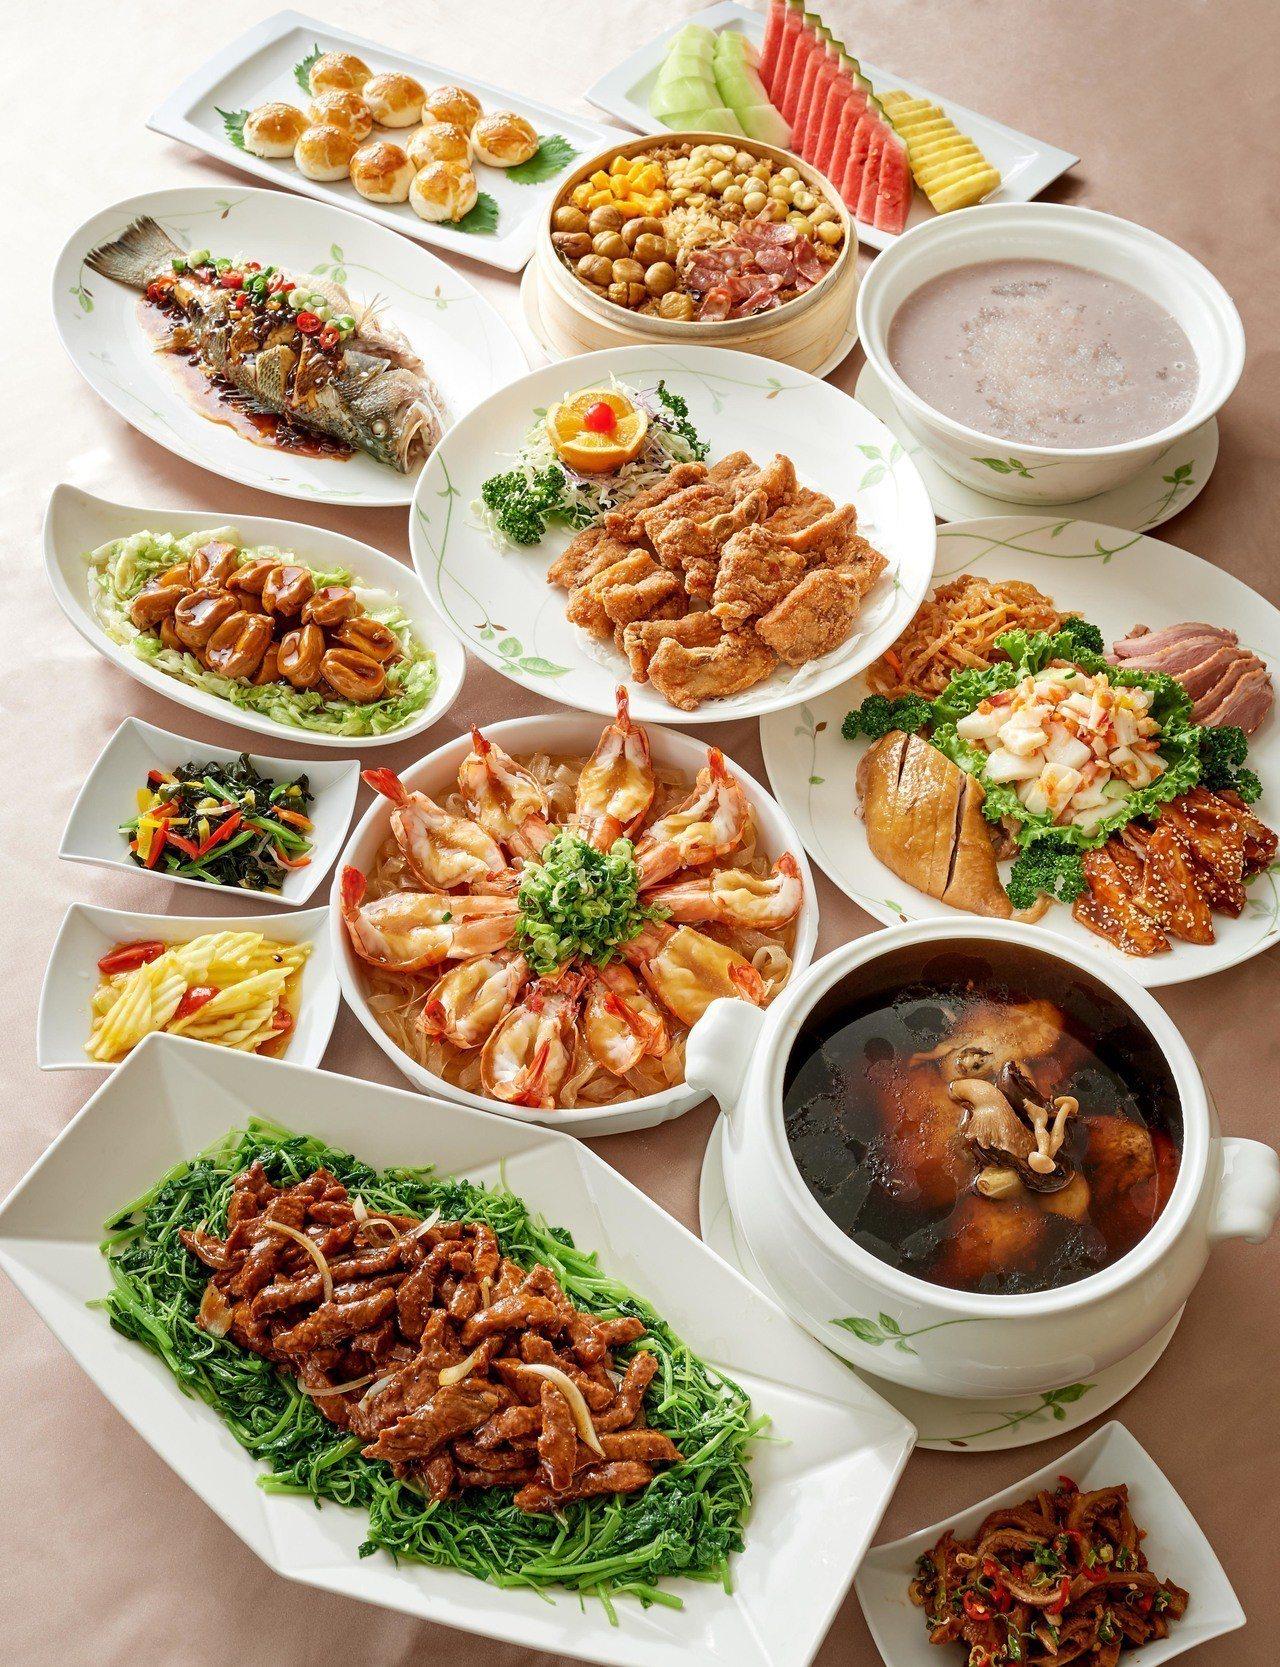 福華飯店餐券最低55折起。圖/福華飯店提供